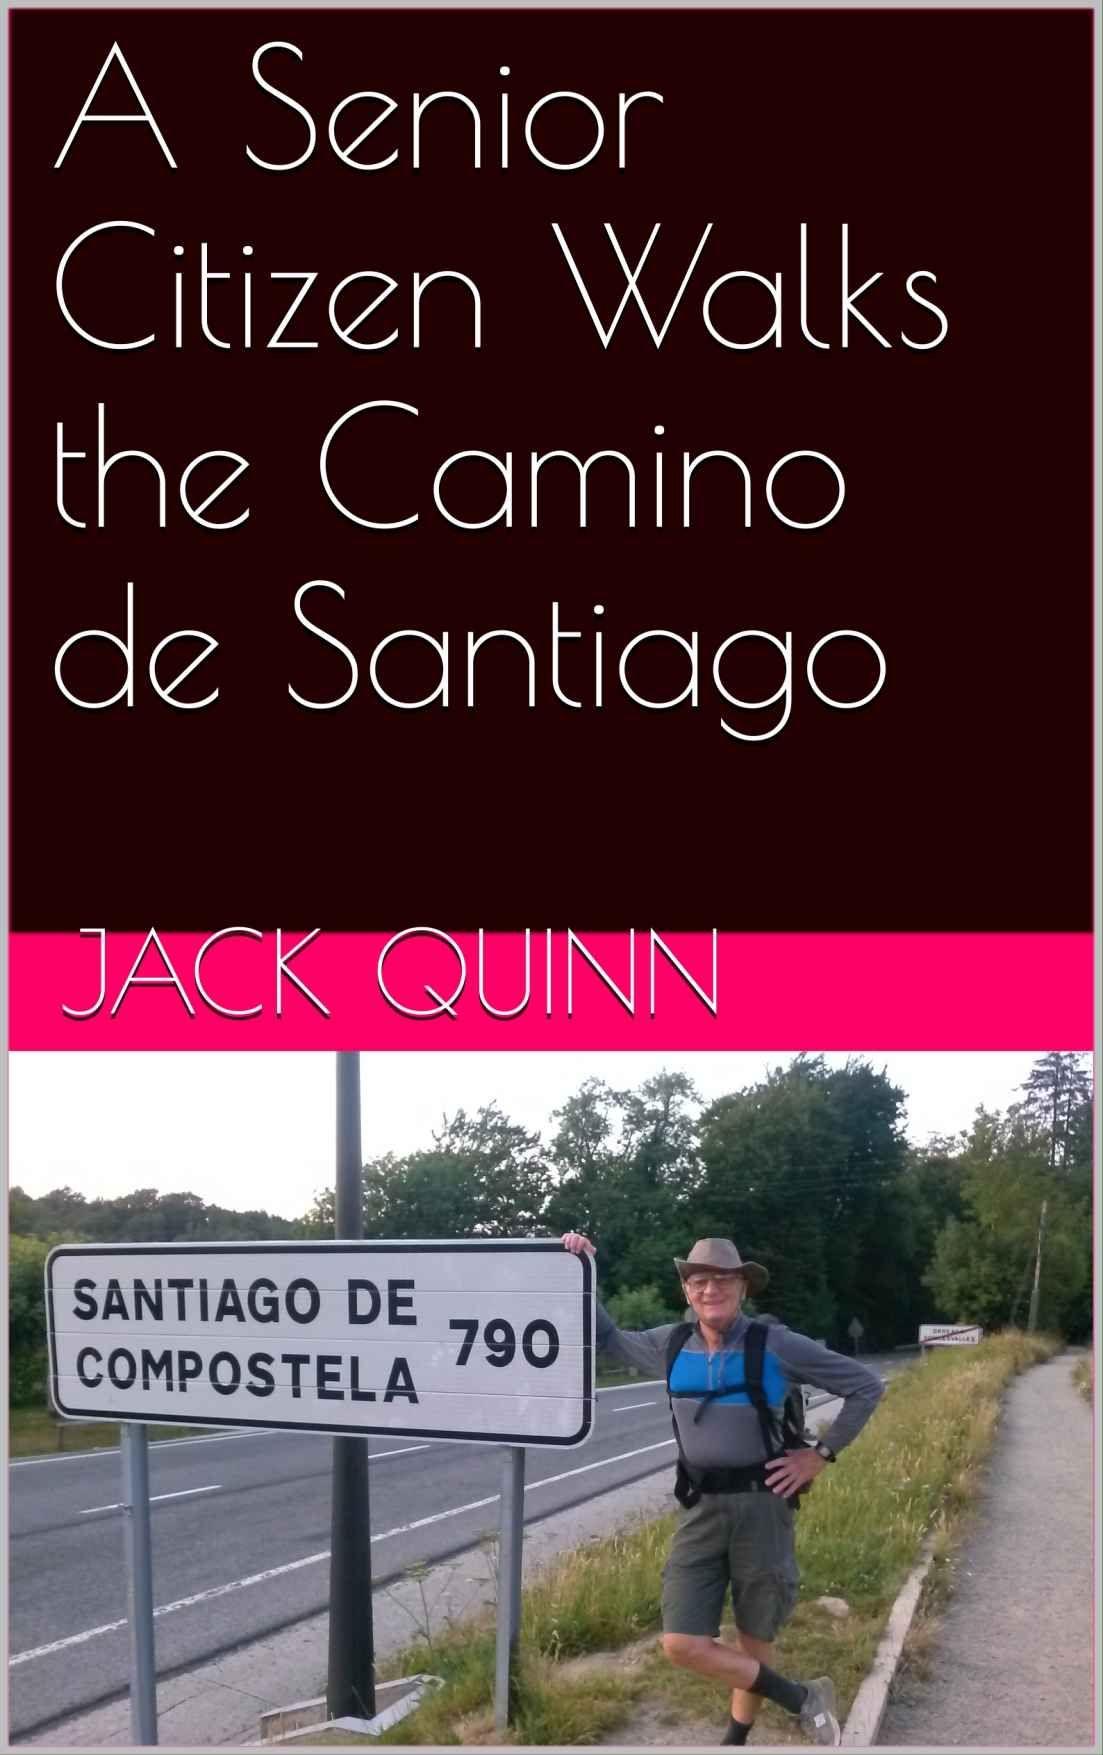 A Senior Citizen Walks The Camino De Santiago Ebook: Jack Quinn For My  Review